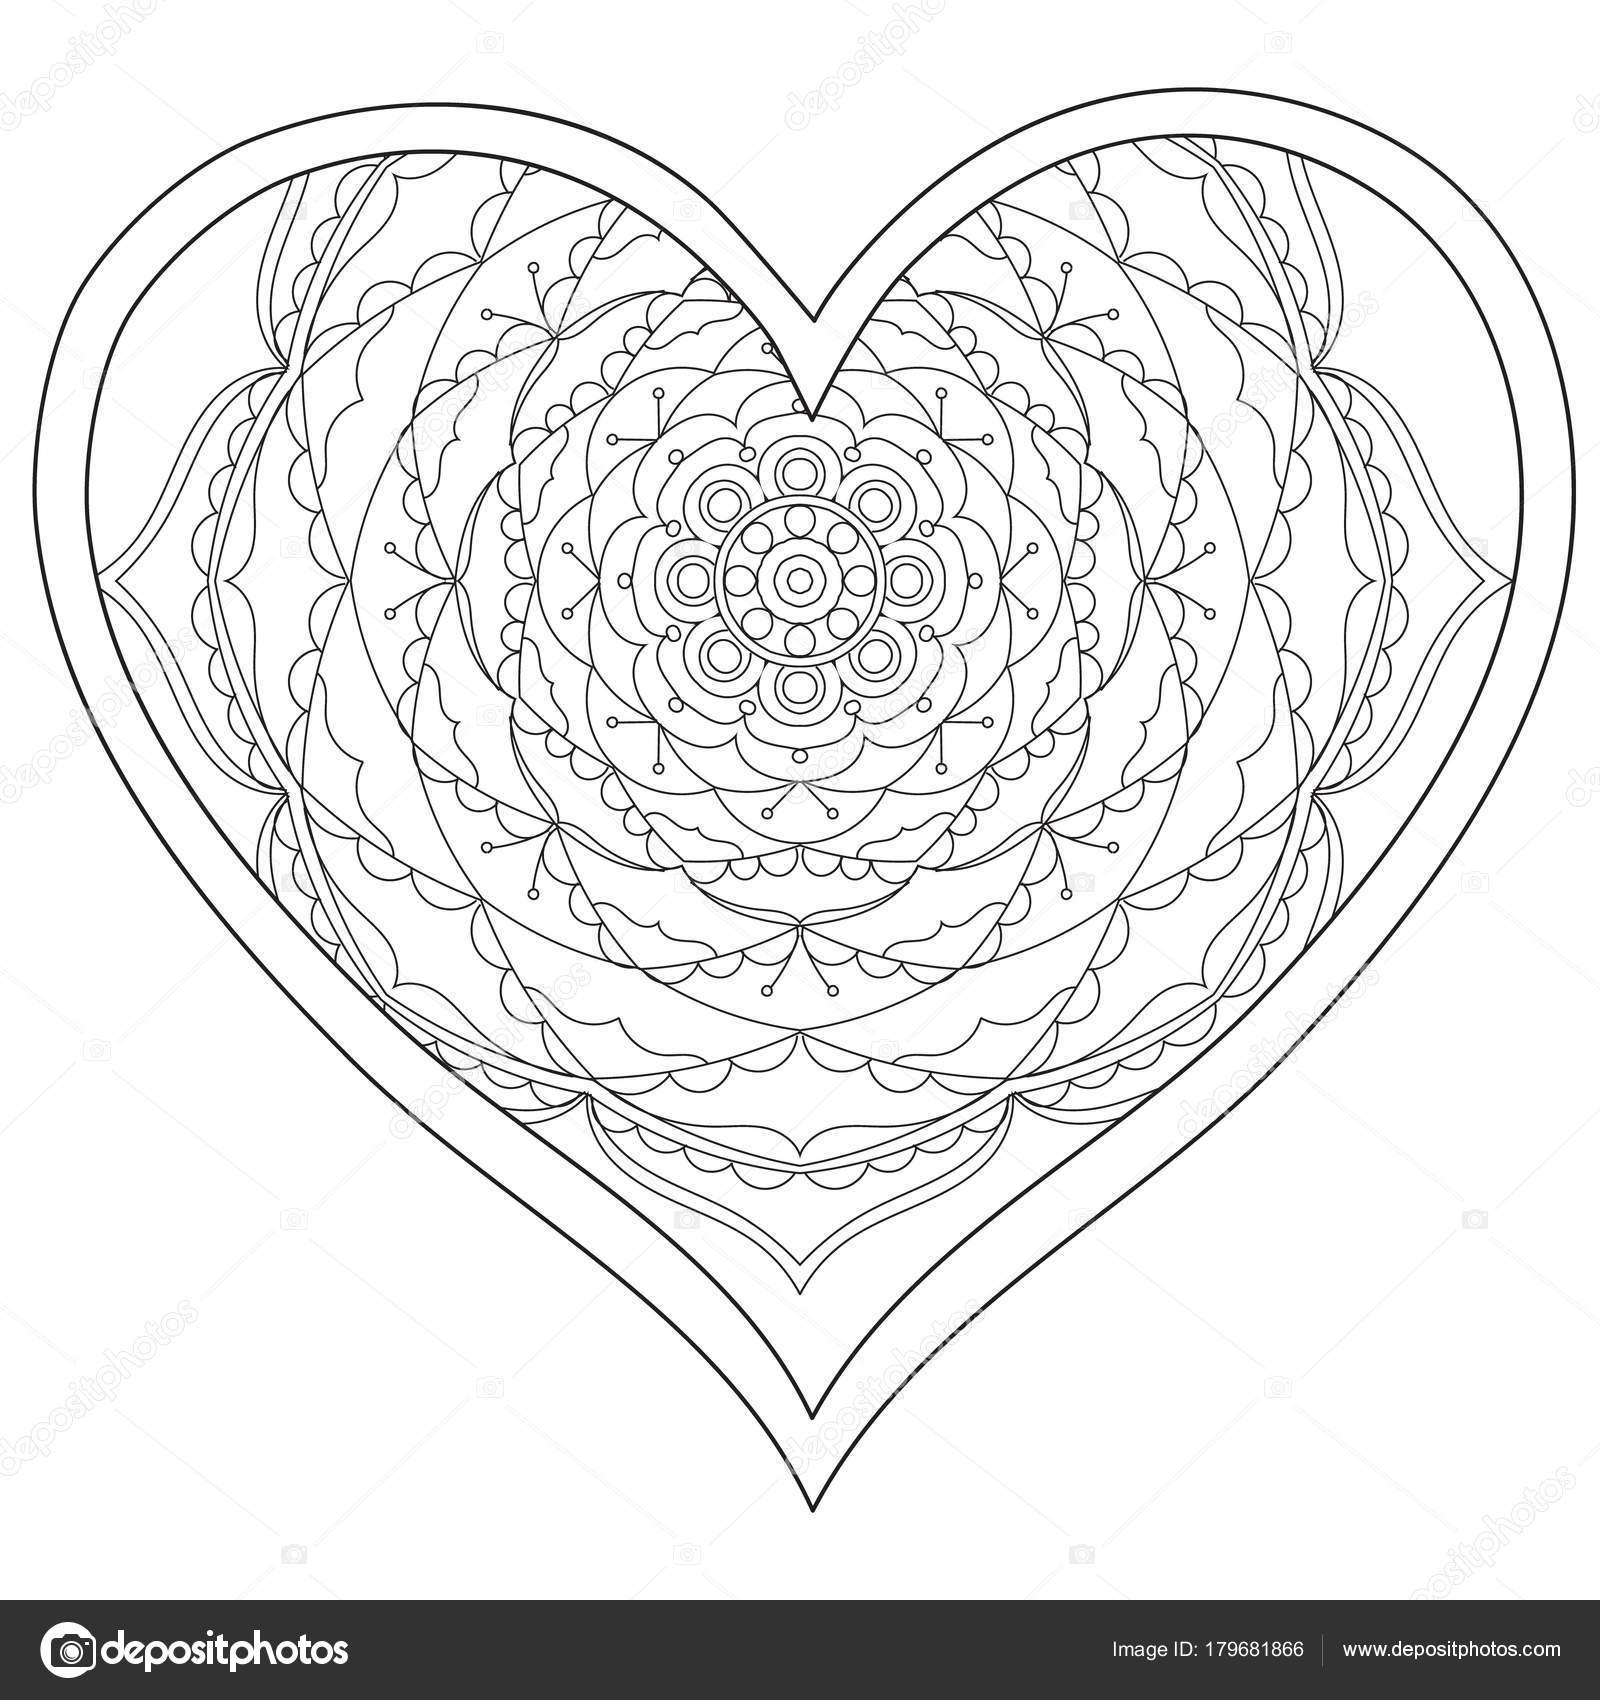 Kleurplaten Voor Volwassenen Liefde.De Ronde Mandala Liefde Voor Volwassenen Dejachthoorn